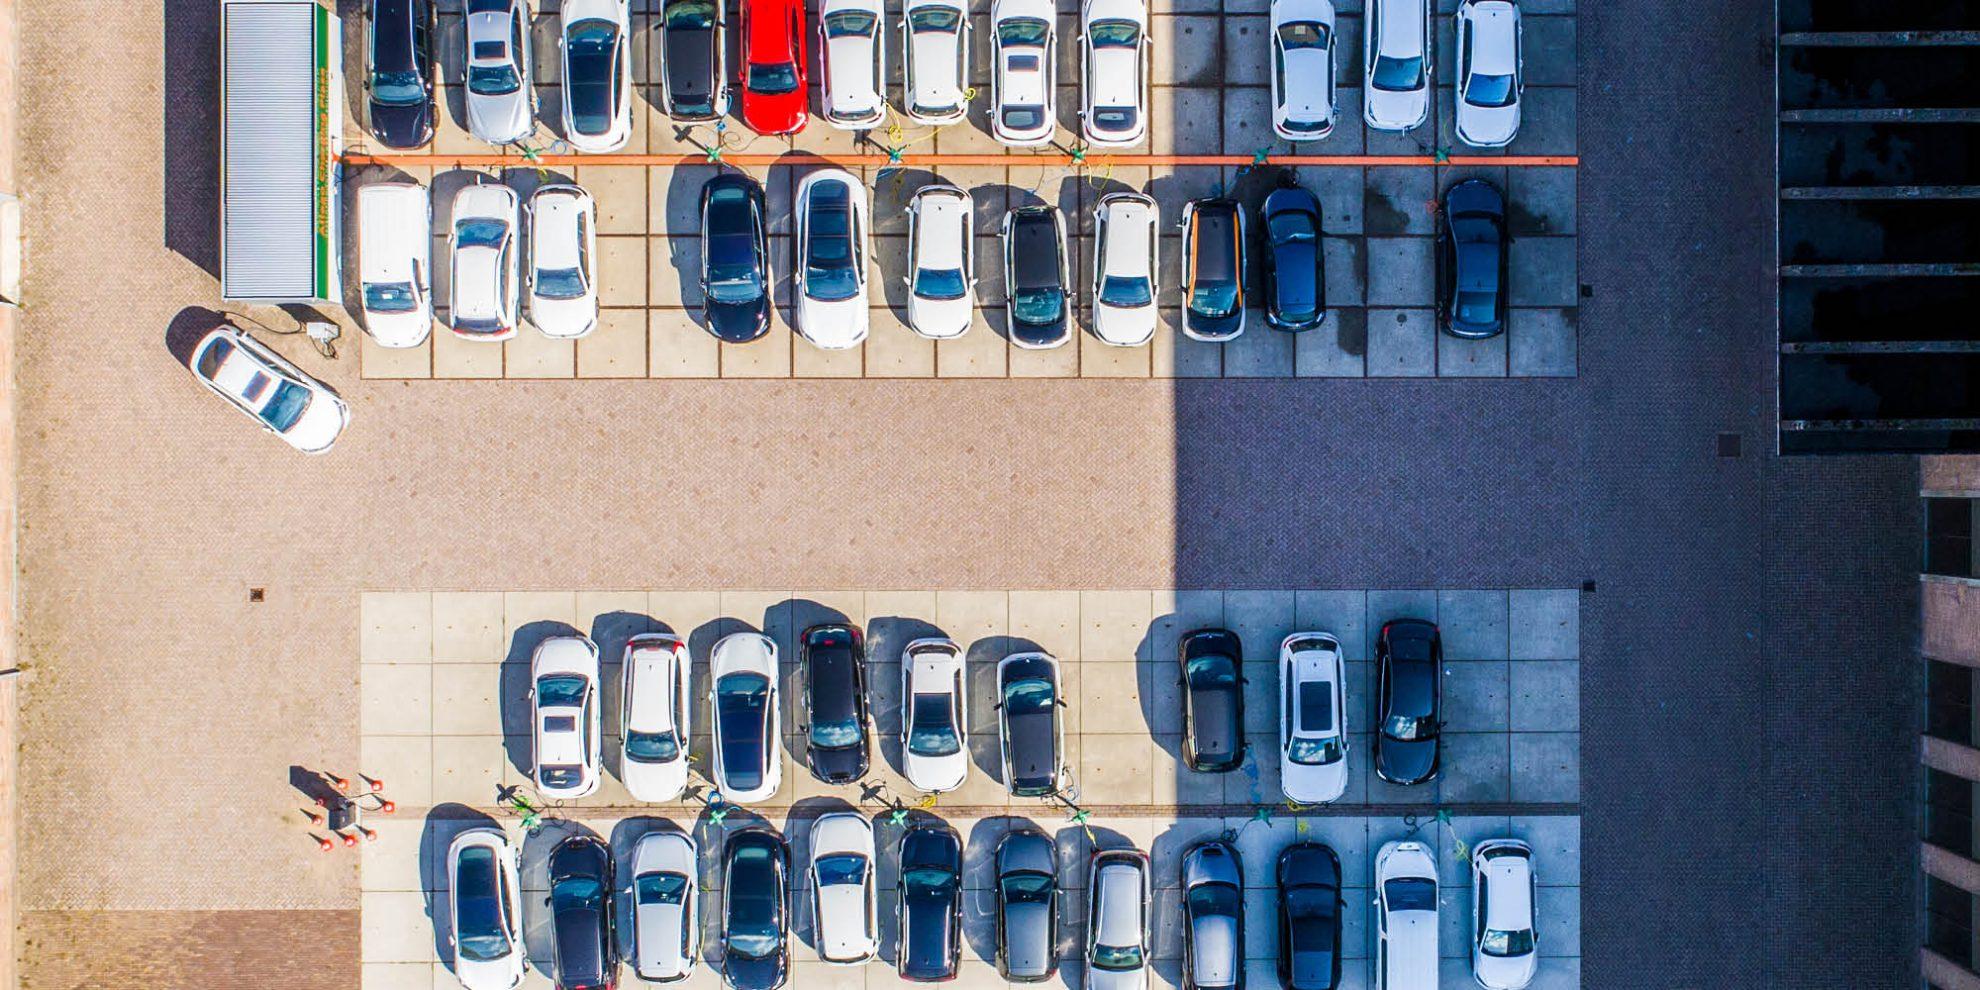 Elektrische auto kan verzwaring stroomnet voorkomen